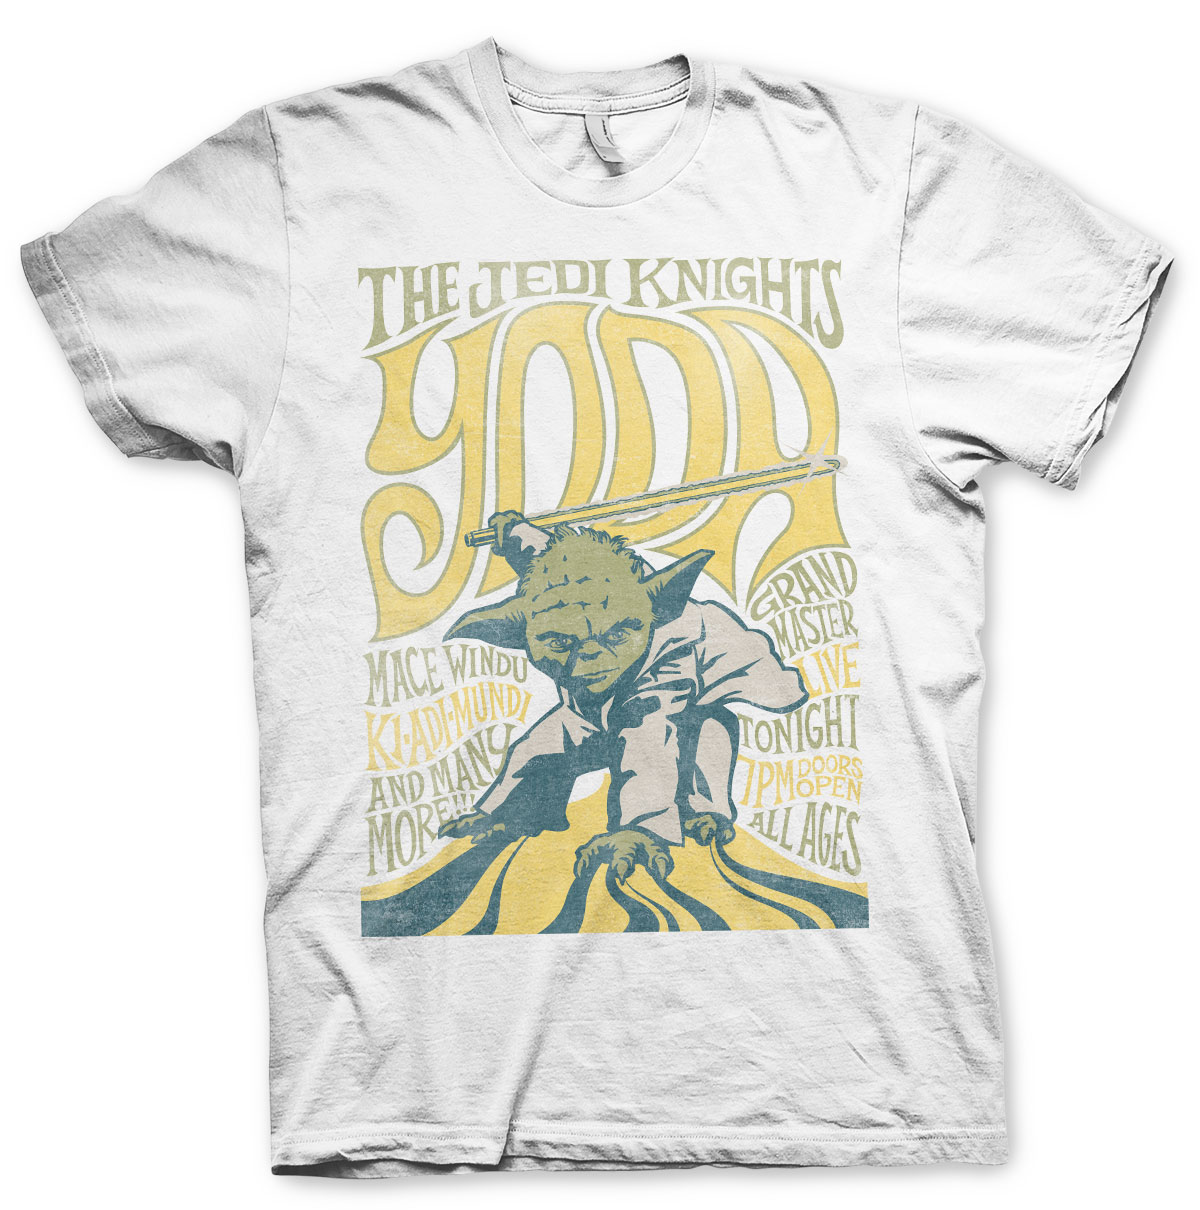 Yoda - The Jedi Knights T-Shirt